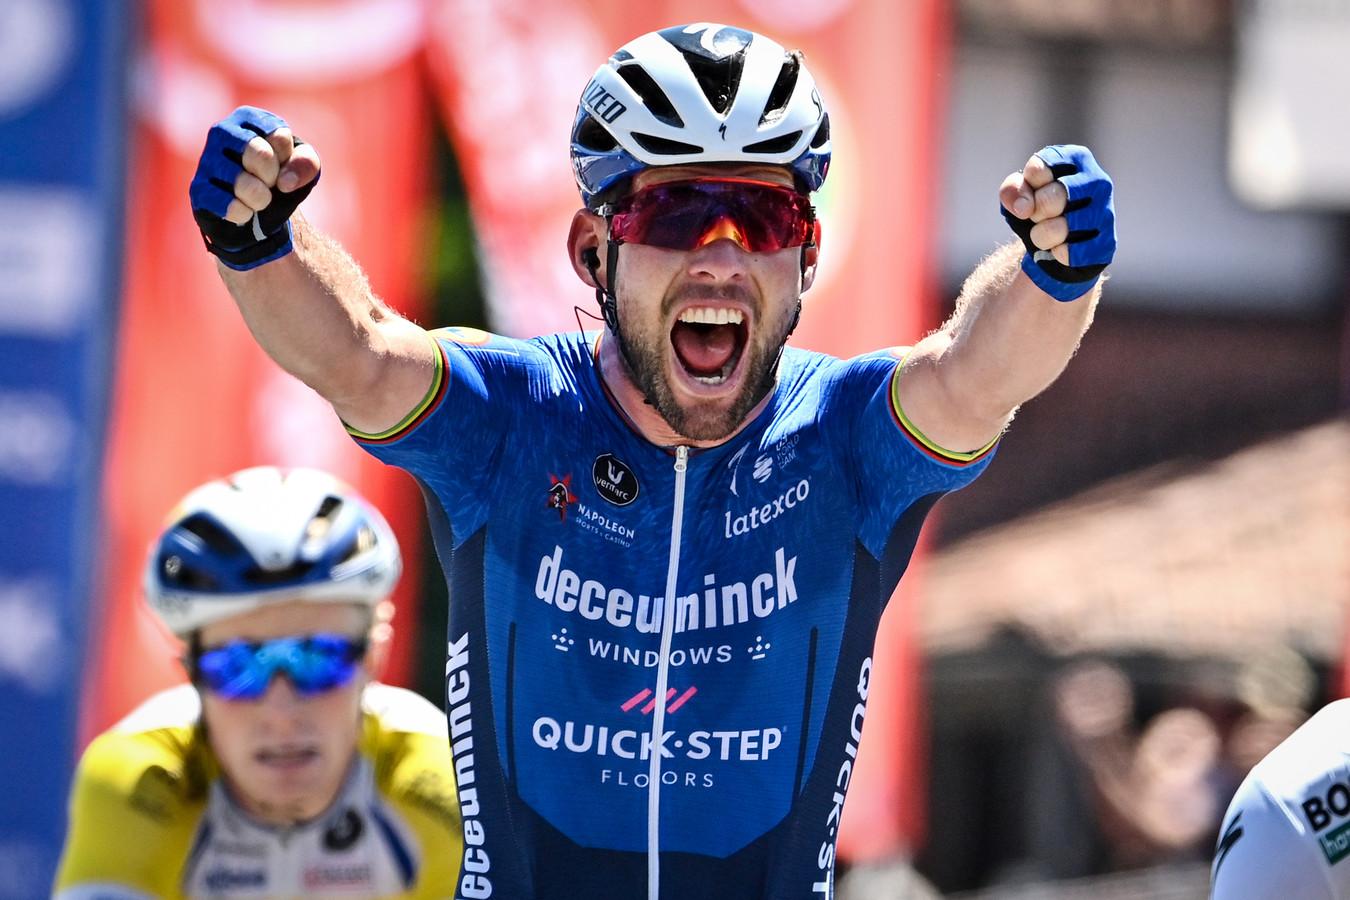 Mark Cavendish won deze maand een rit in de Ronde van België.